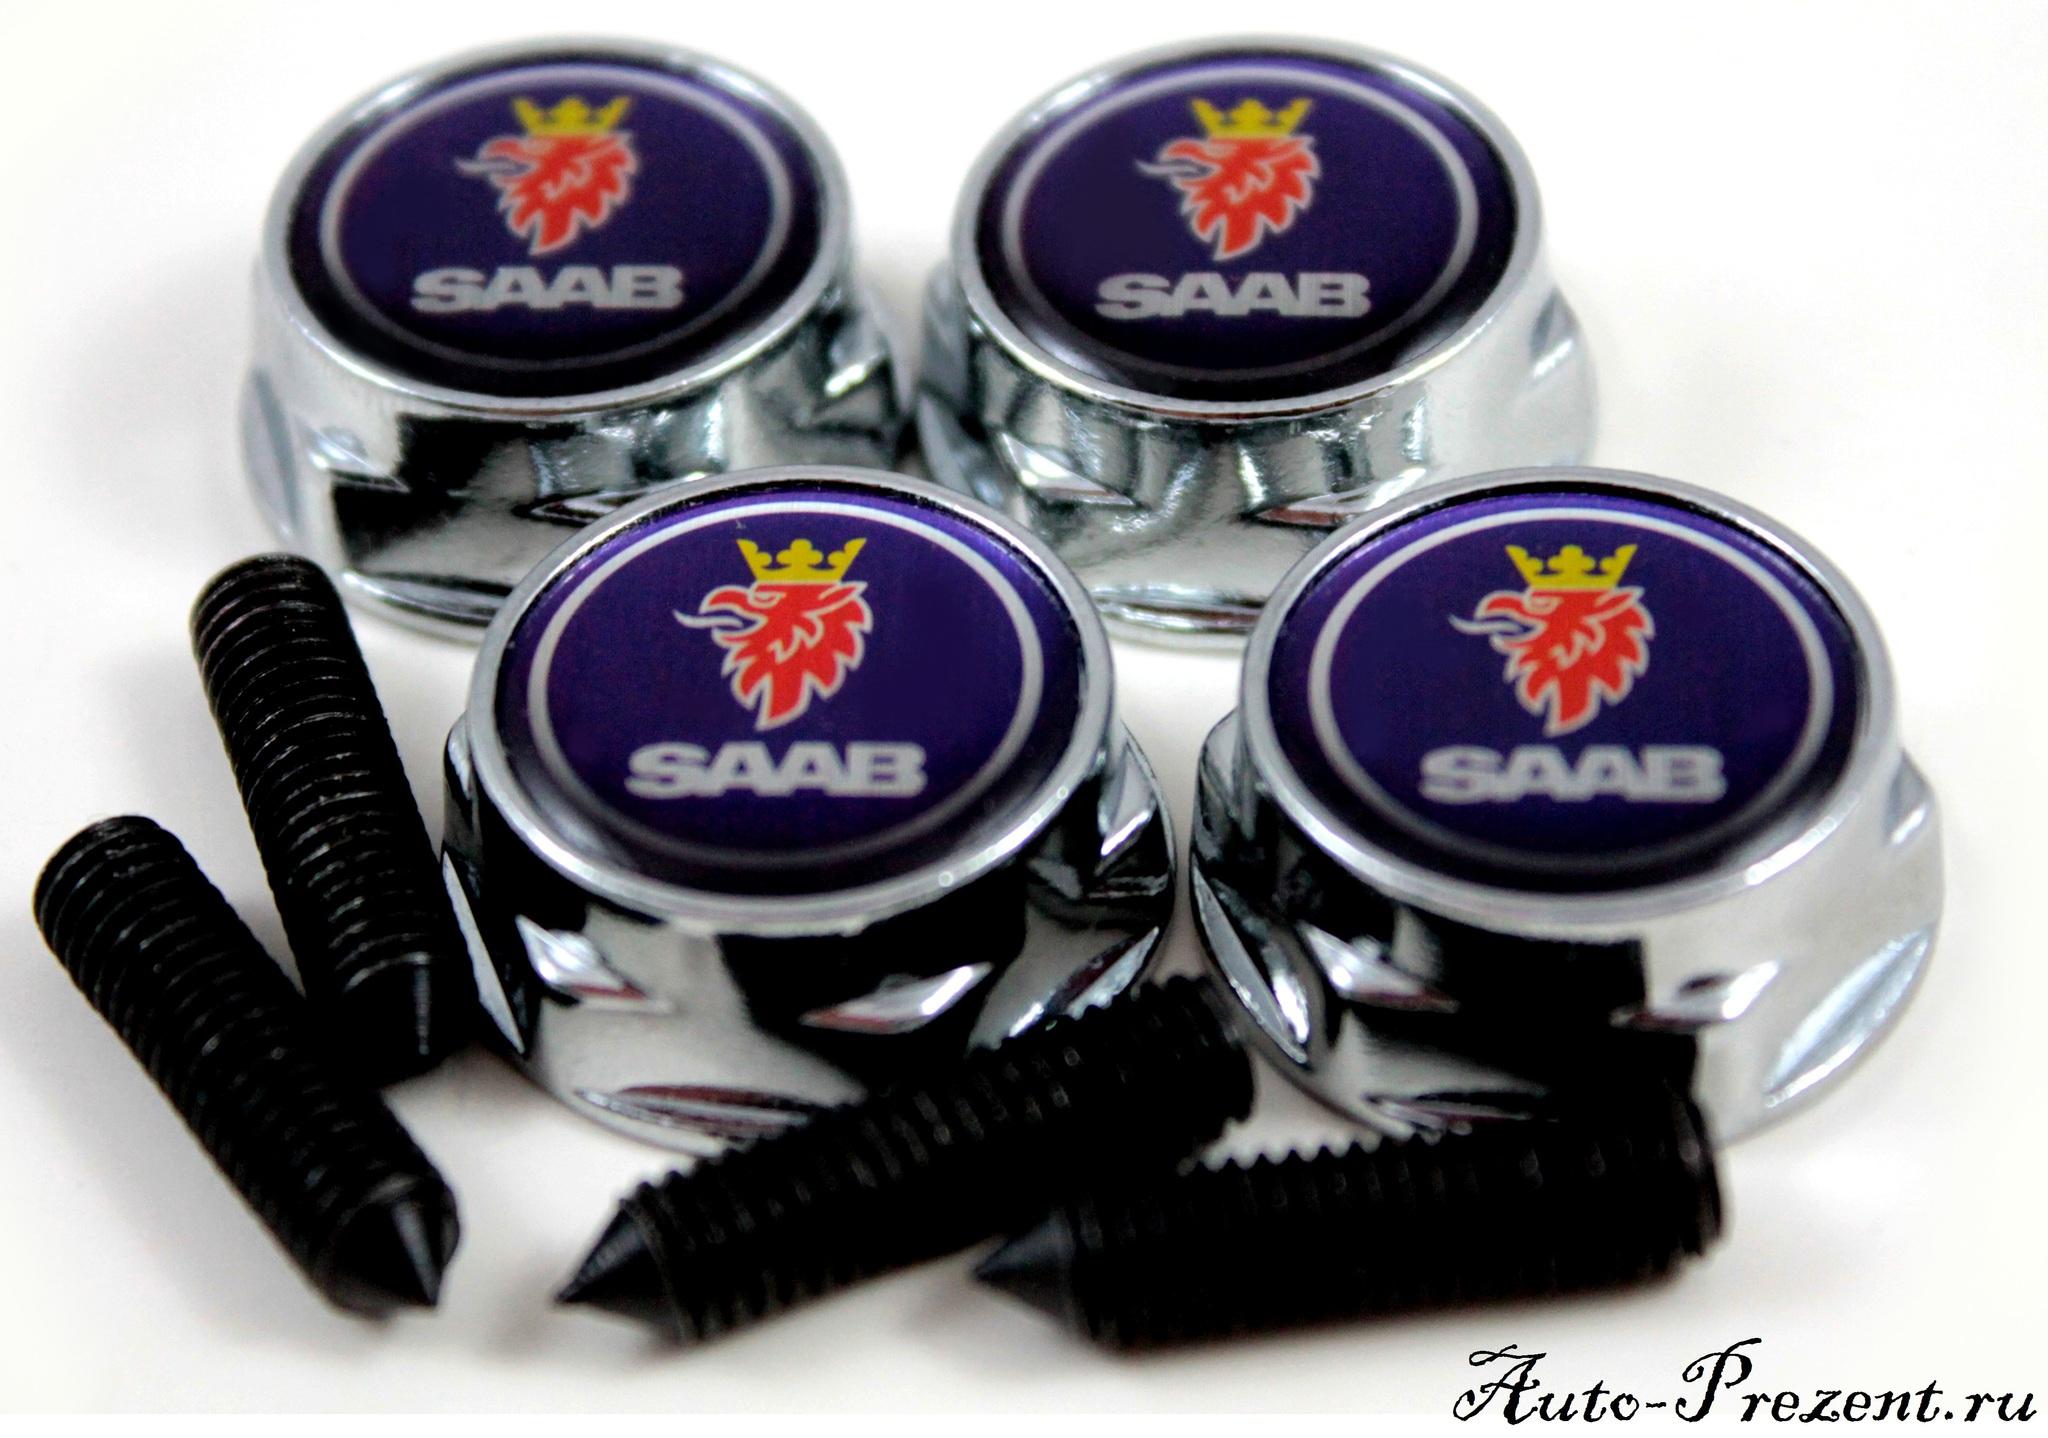 Болты для крепления госномера с логотипом SAAB